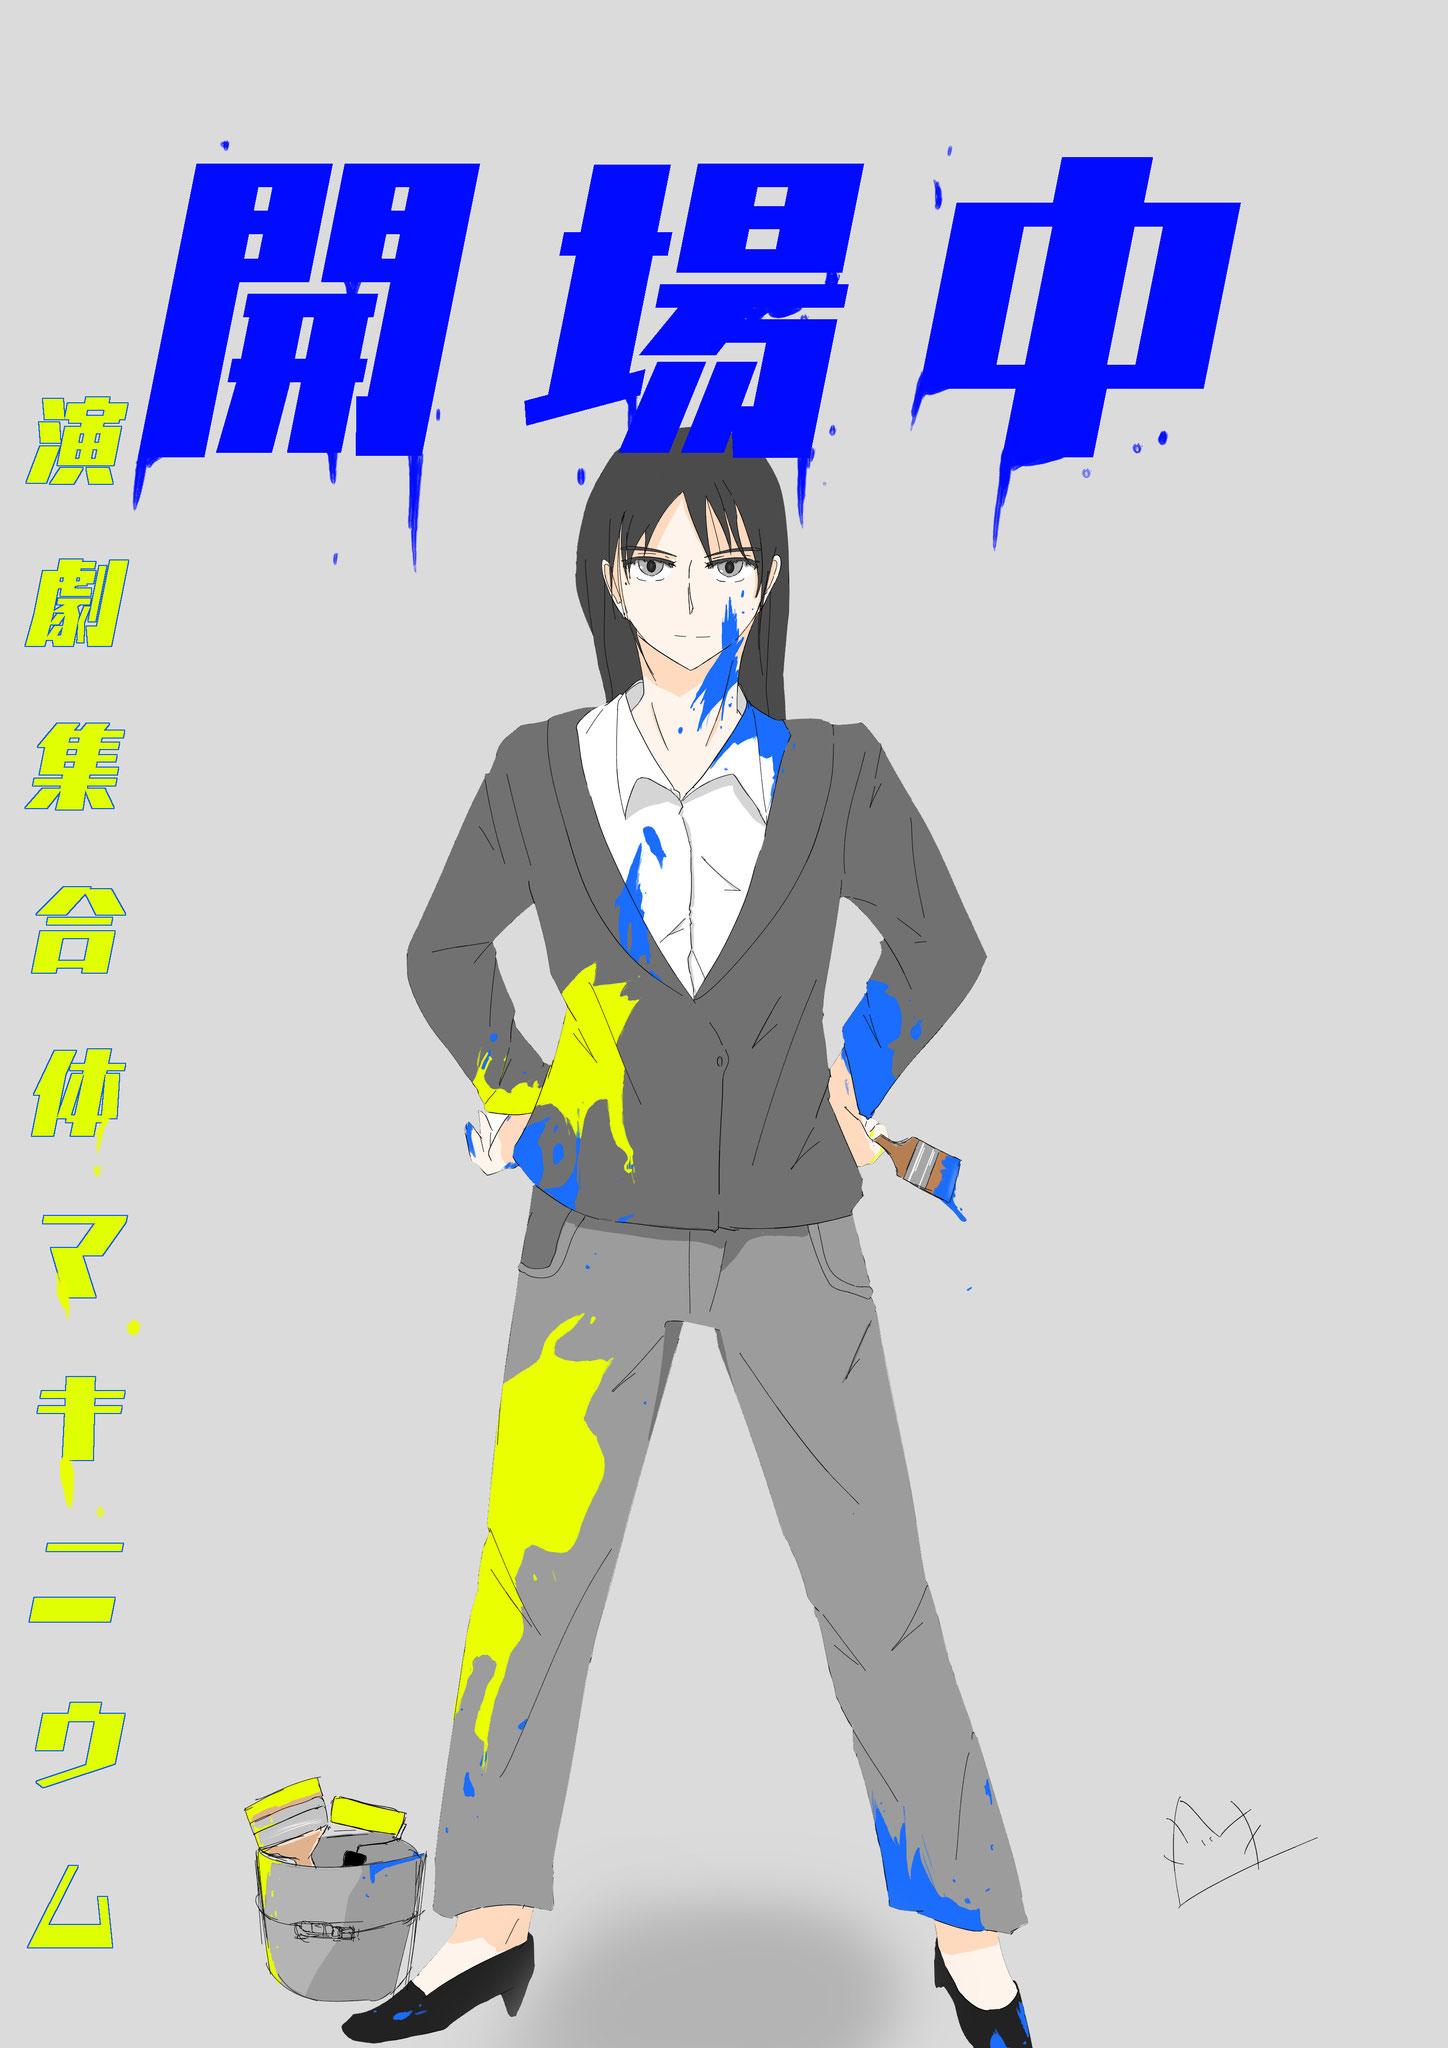 マキニウム公式キャラクター「池田匠美」、今回はペンキをかぶせてみました。